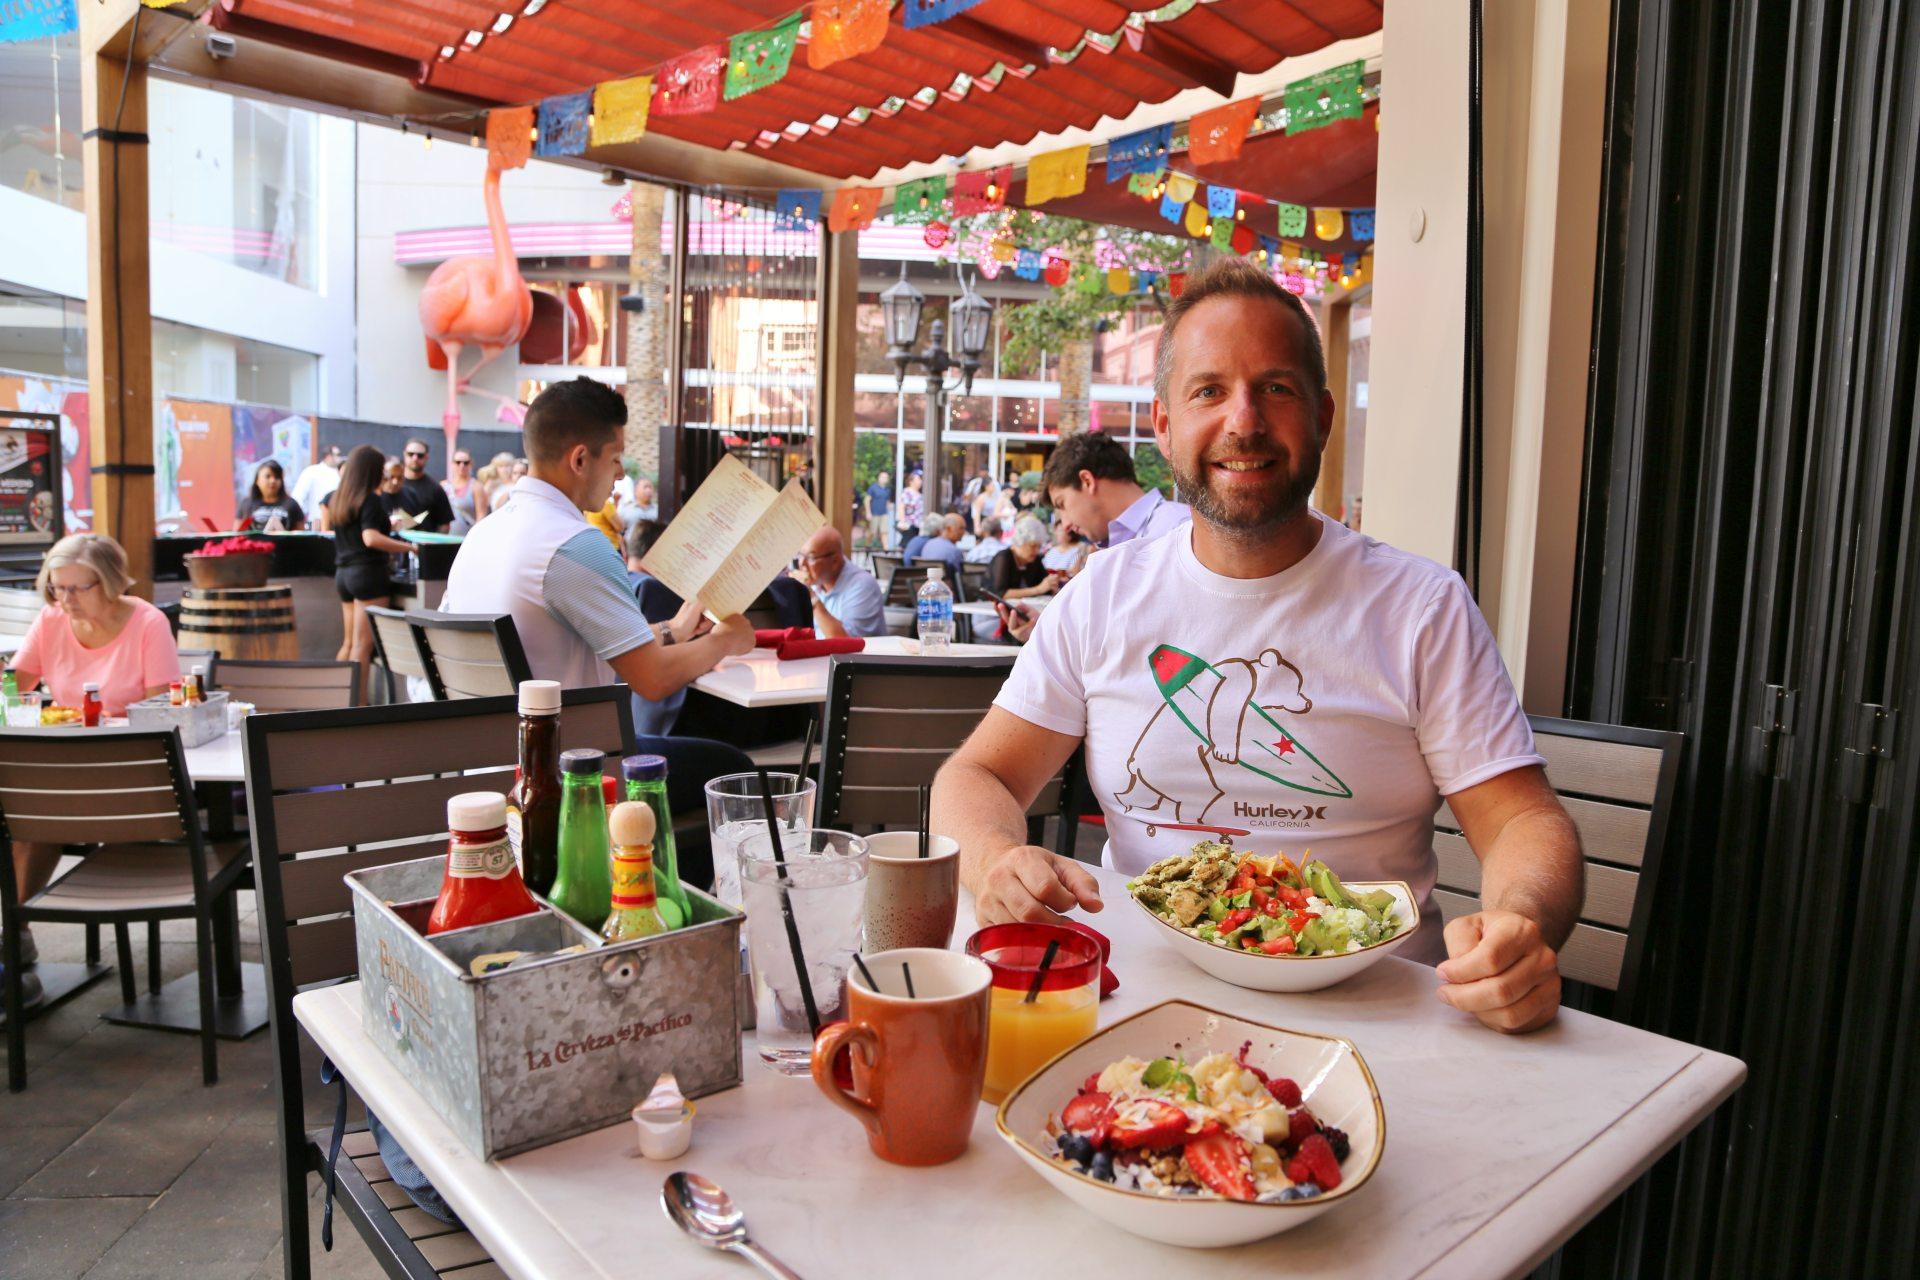 Mexikan Bowls zum Frühstück - in Las Vegas ist alles erlaubt! - frisch, Frühstück, Gemüse, gesund, Las Vegas, Lebensmittel, Mahlzeit, Nevada, Obst, Personen, Portrait, Porträt, Teller - WEISSINGER Andreas - (Bracken, Las Vegas, Nevada, Vereinigte Staaten)